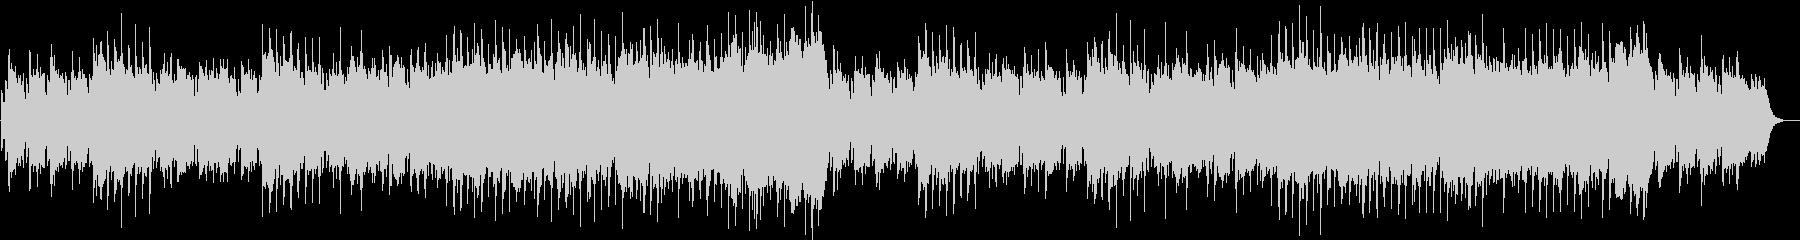 ジムノペディ オルゴールオーケストラの未再生の波形